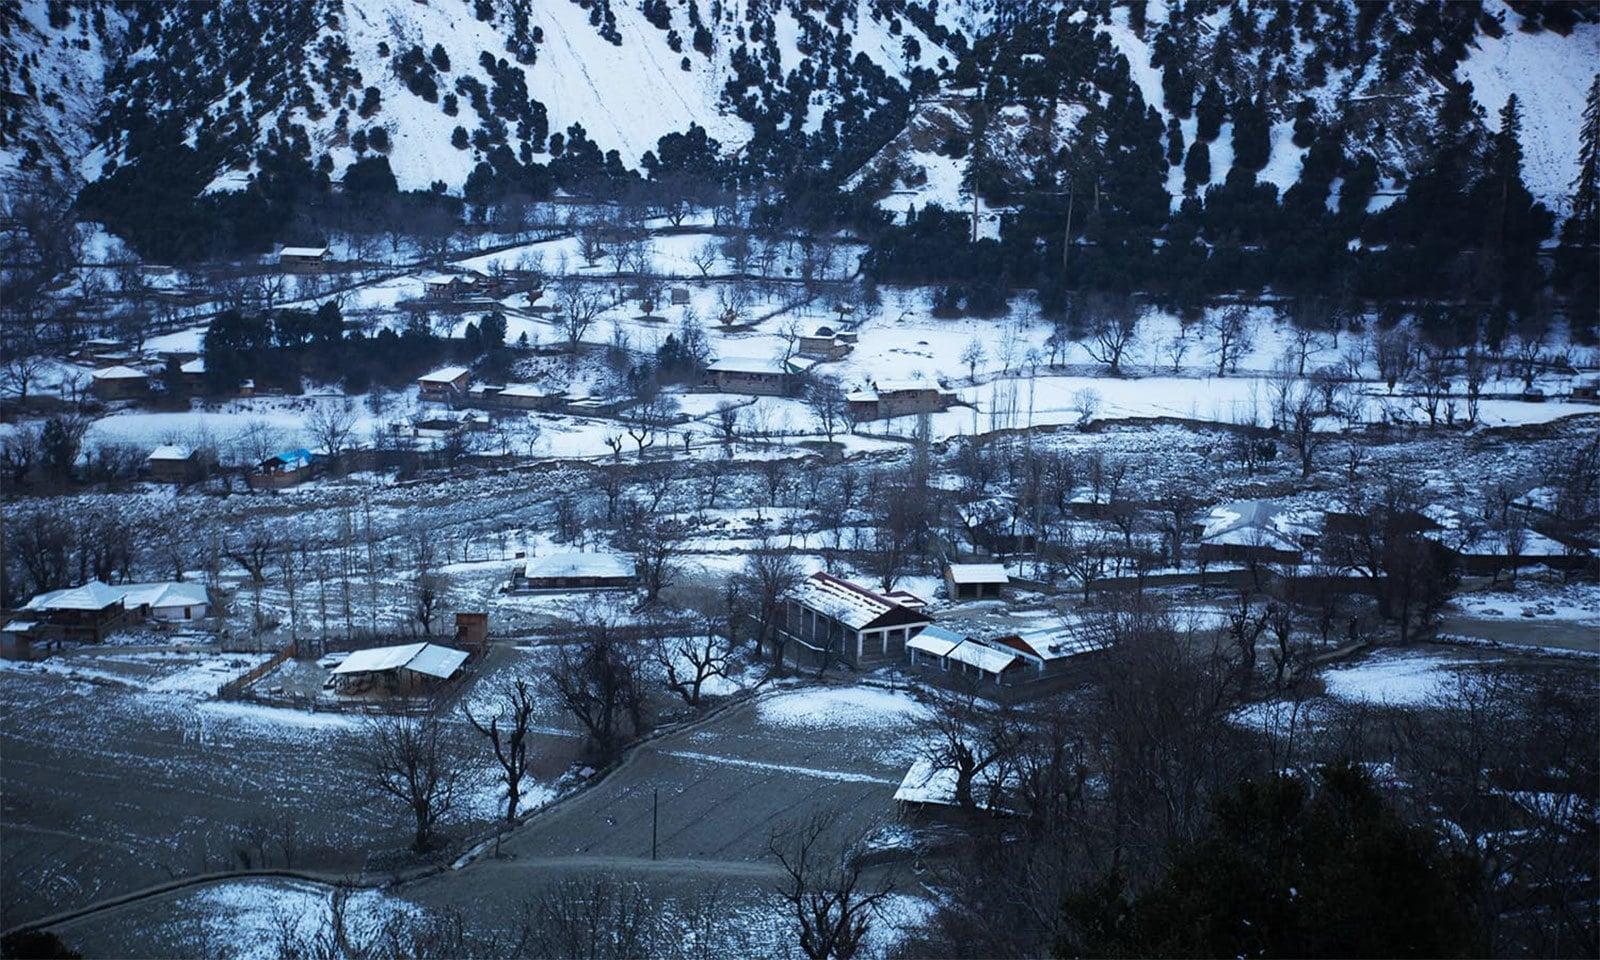 دسمبر میں وادی کالاش کا ایک منظر — فوٹو بشکریہ دانیال شاہ